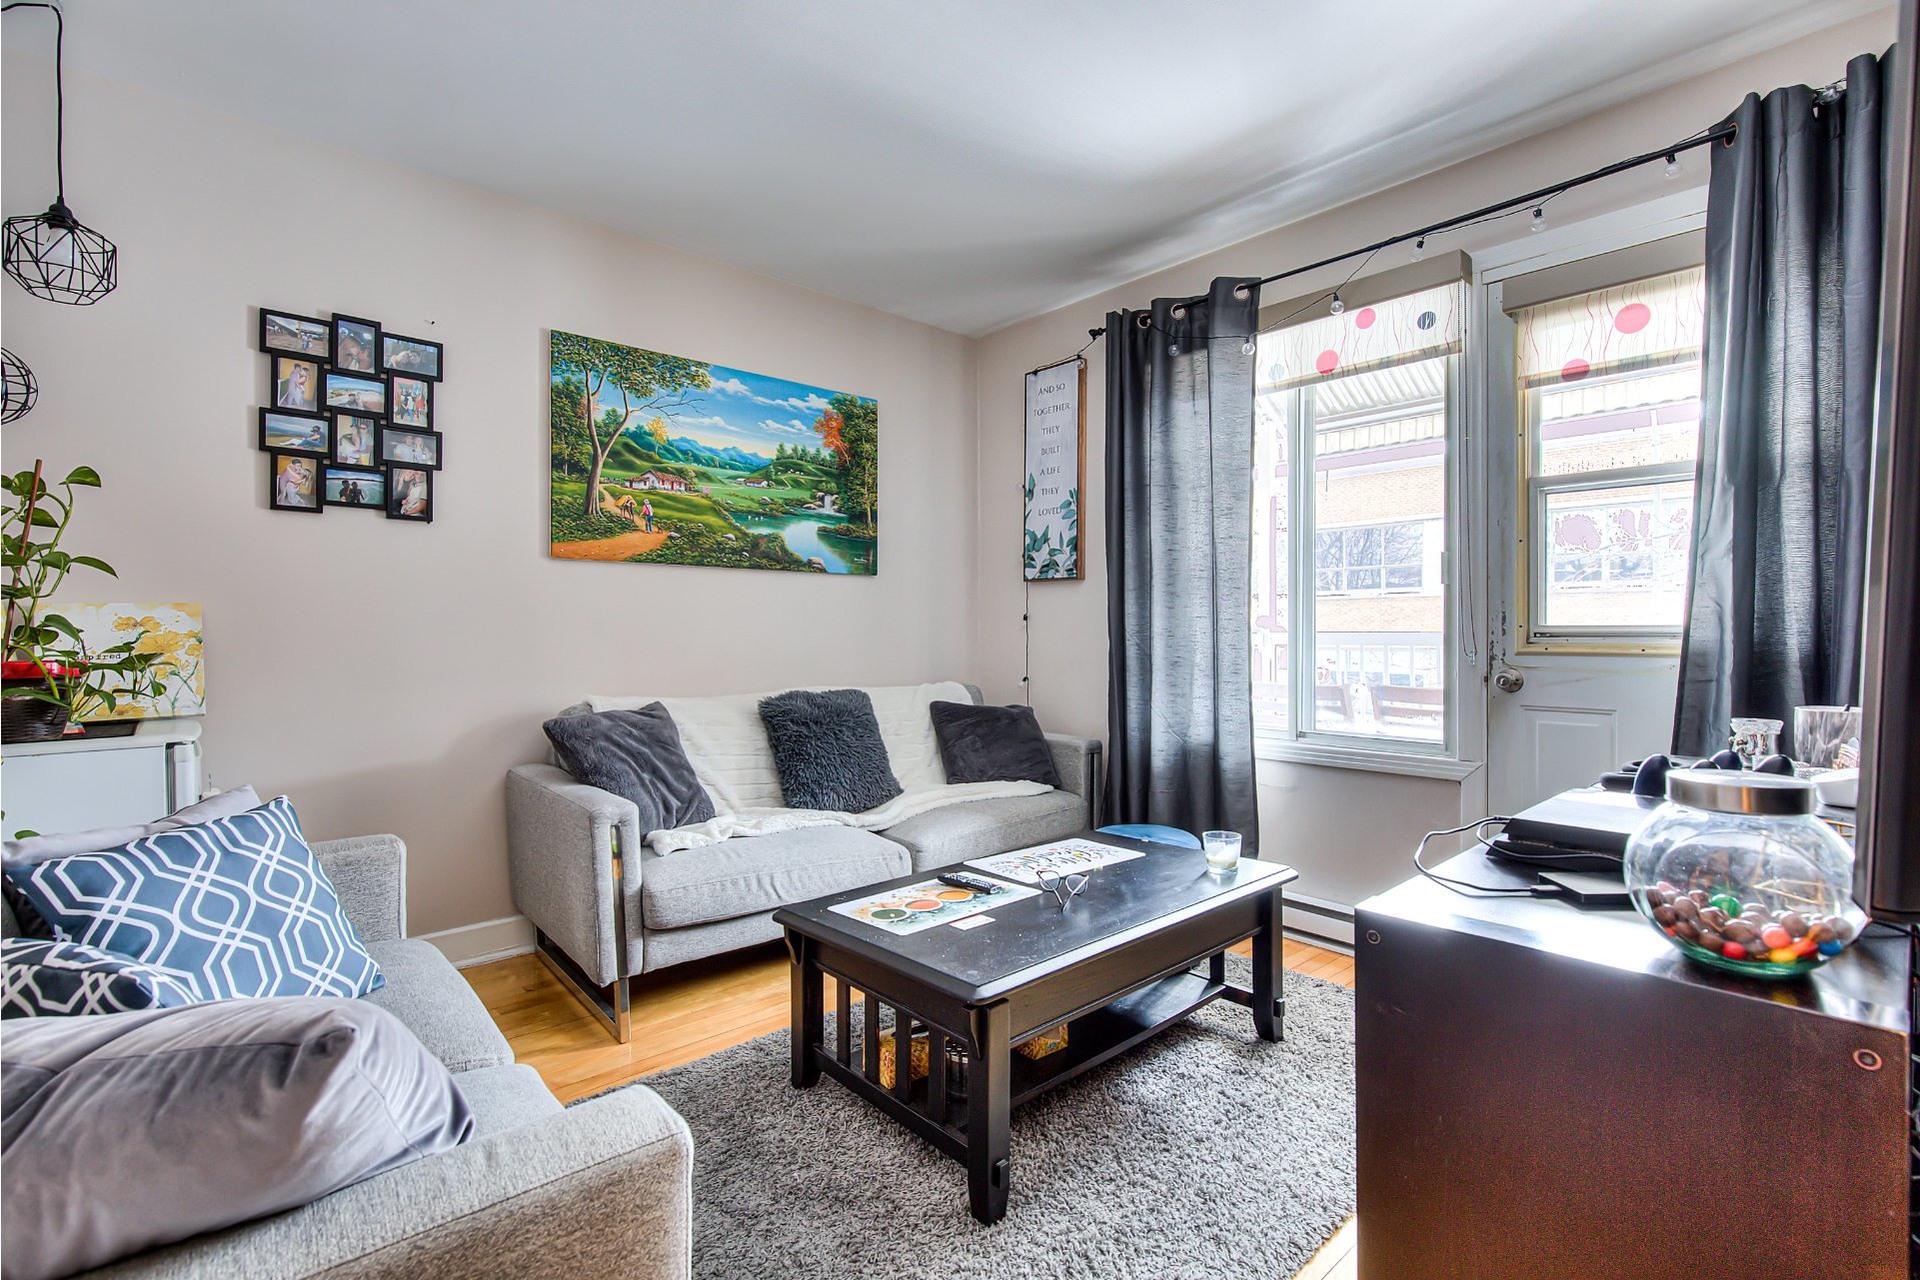 image 1 - Income property For sale Villeray/Saint-Michel/Parc-Extension Montréal  - 4 rooms